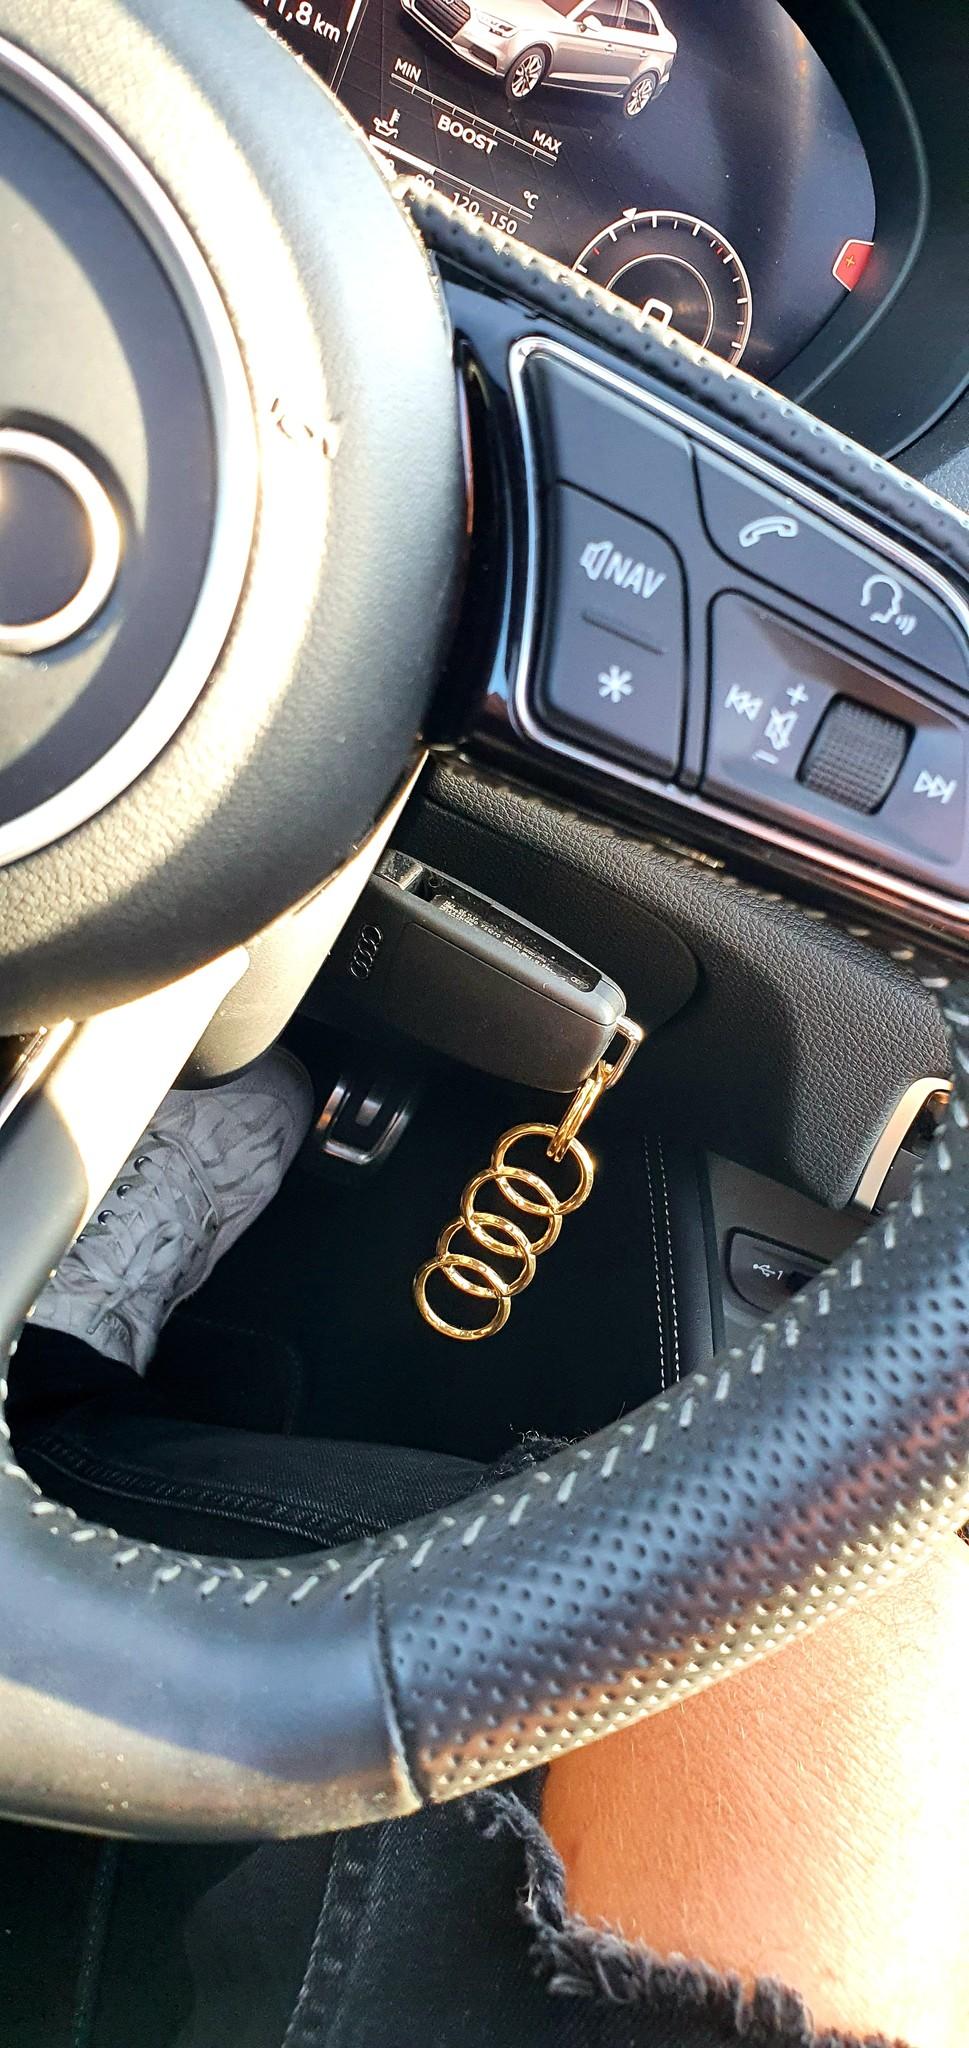 14 of 18 Karaat gouden Sleutelhanger met Audi logo-1